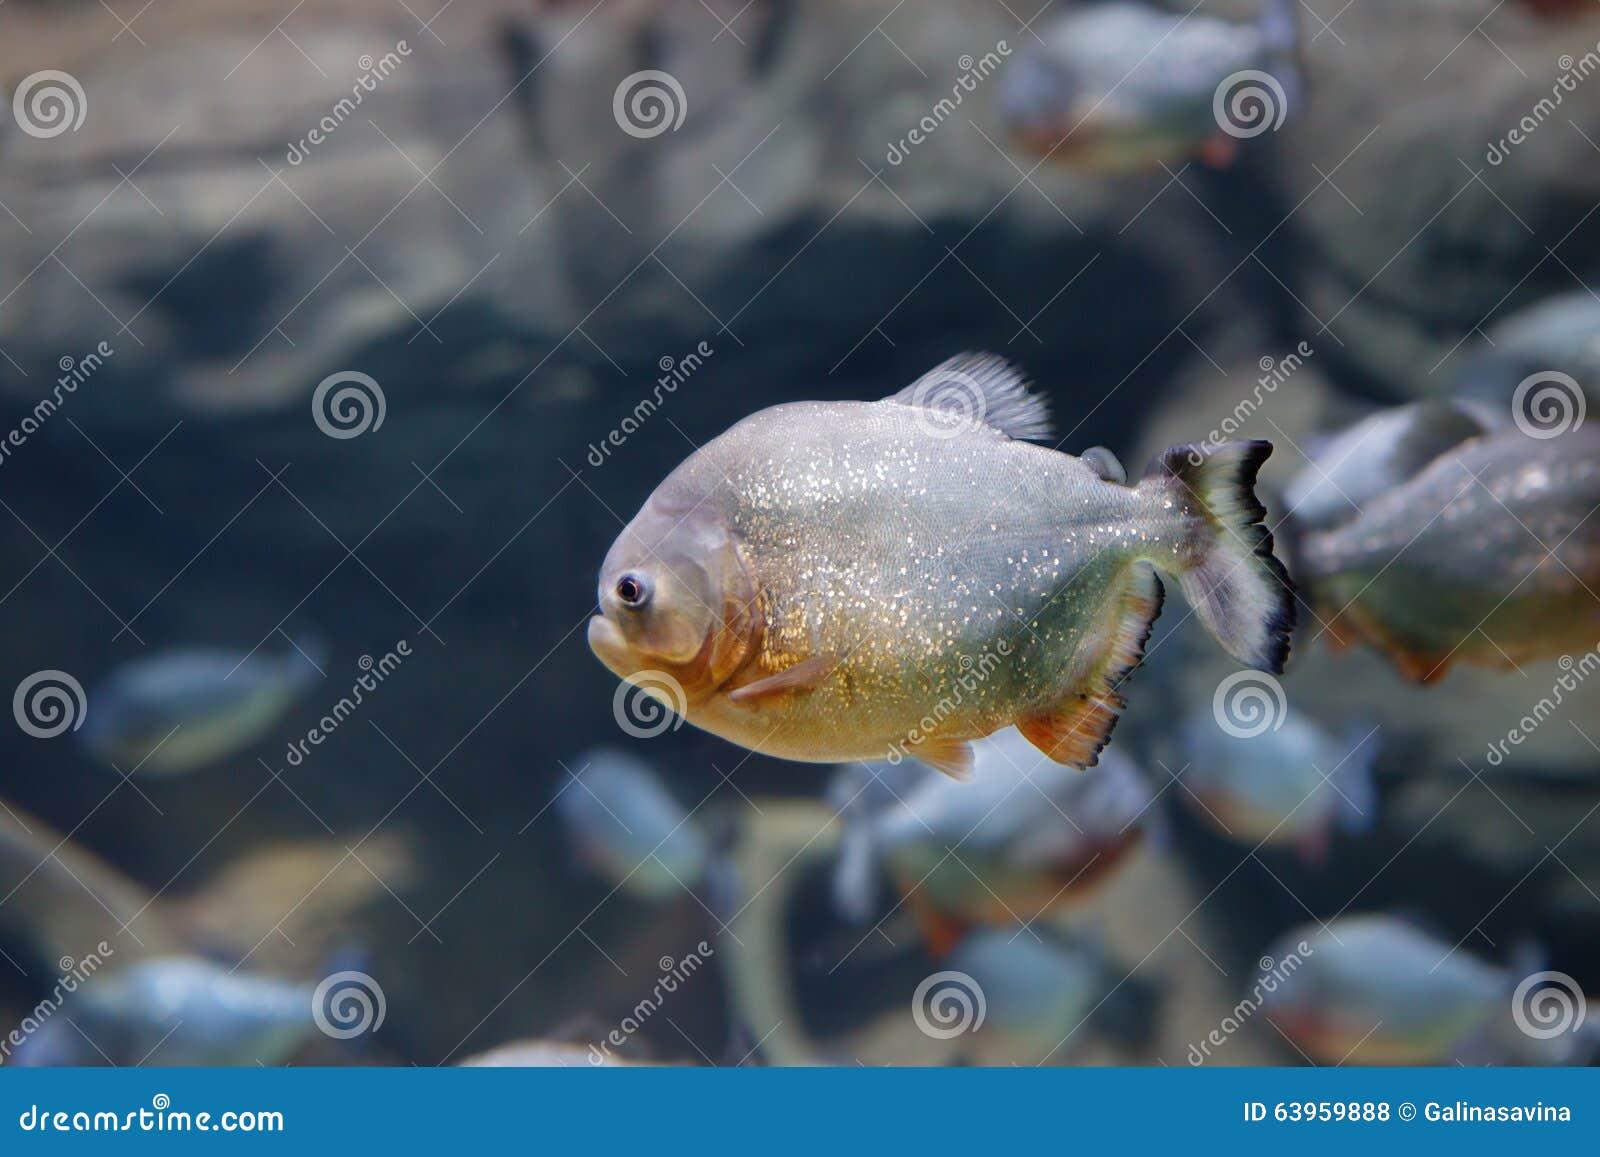 Piranha fish stock photo image 63959888 for Predatory freshwater fish